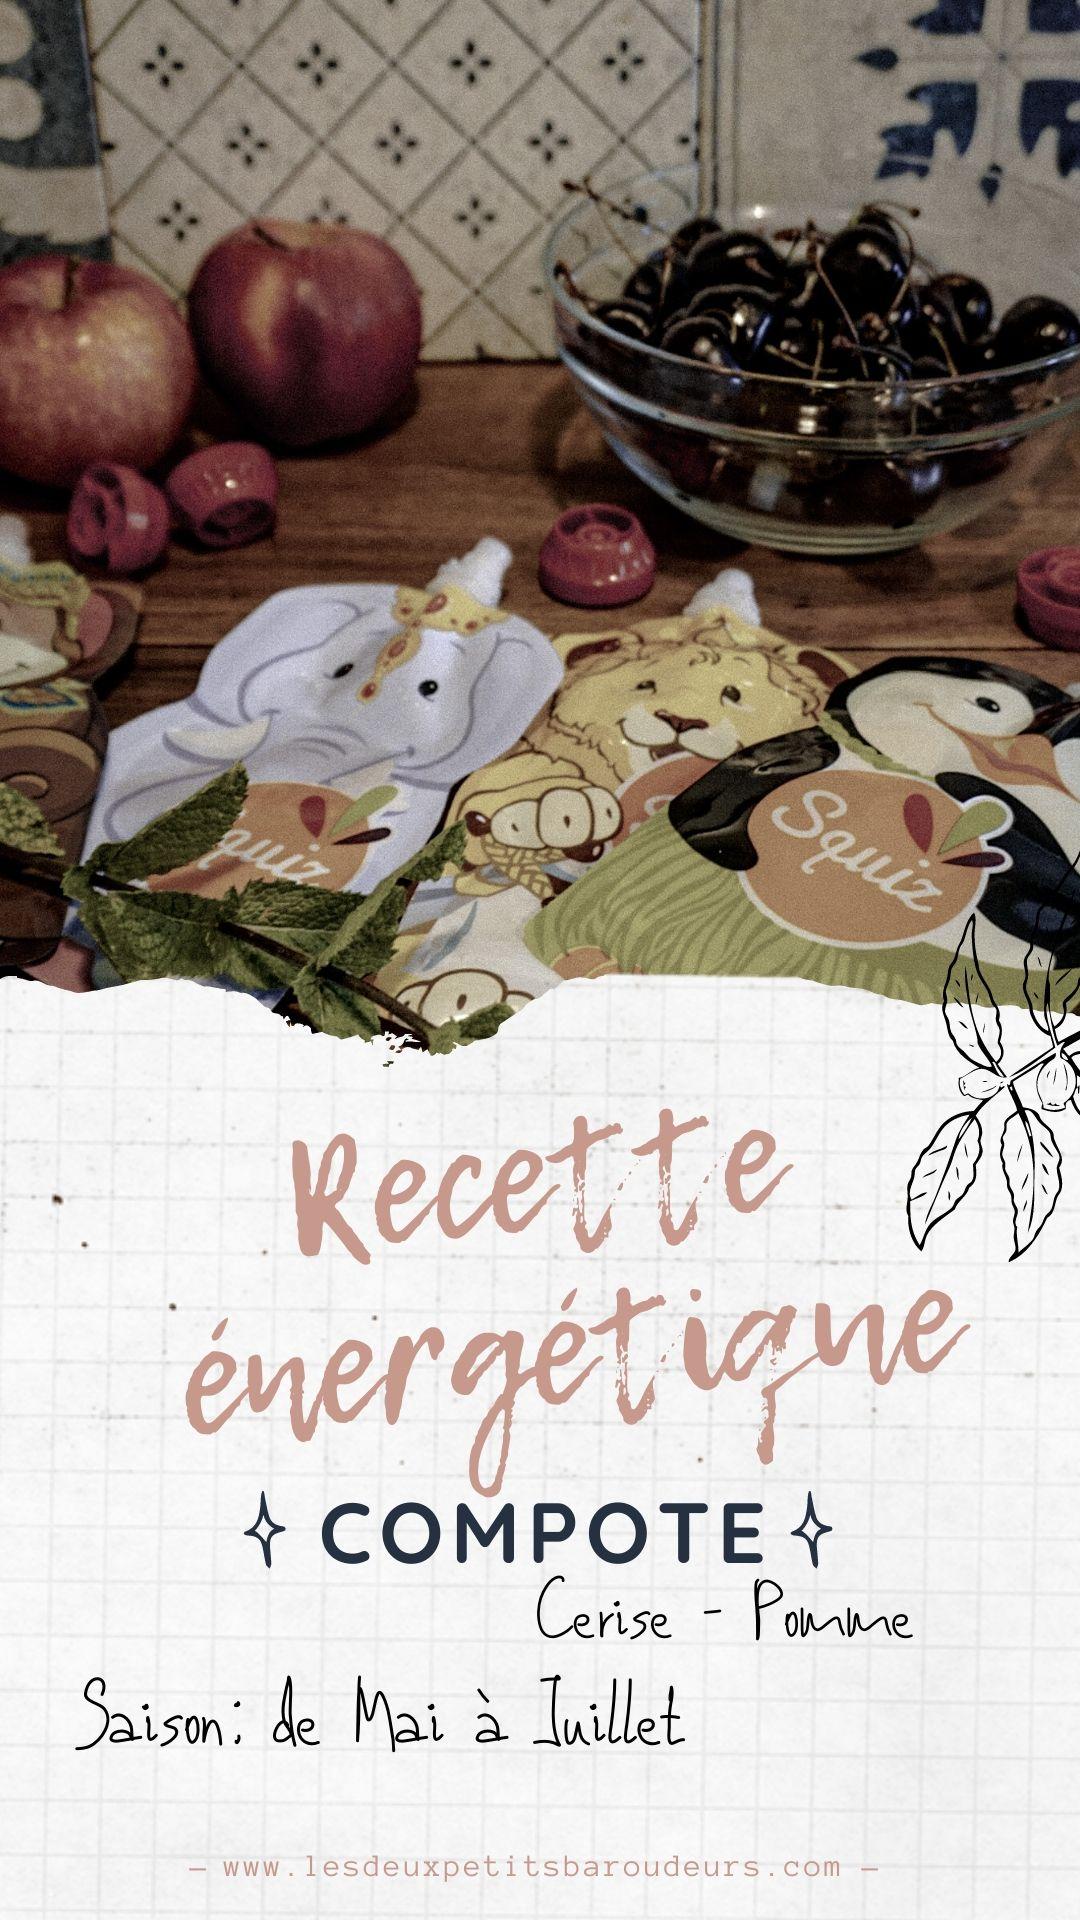 recette compote énergétique pomme cerise maison